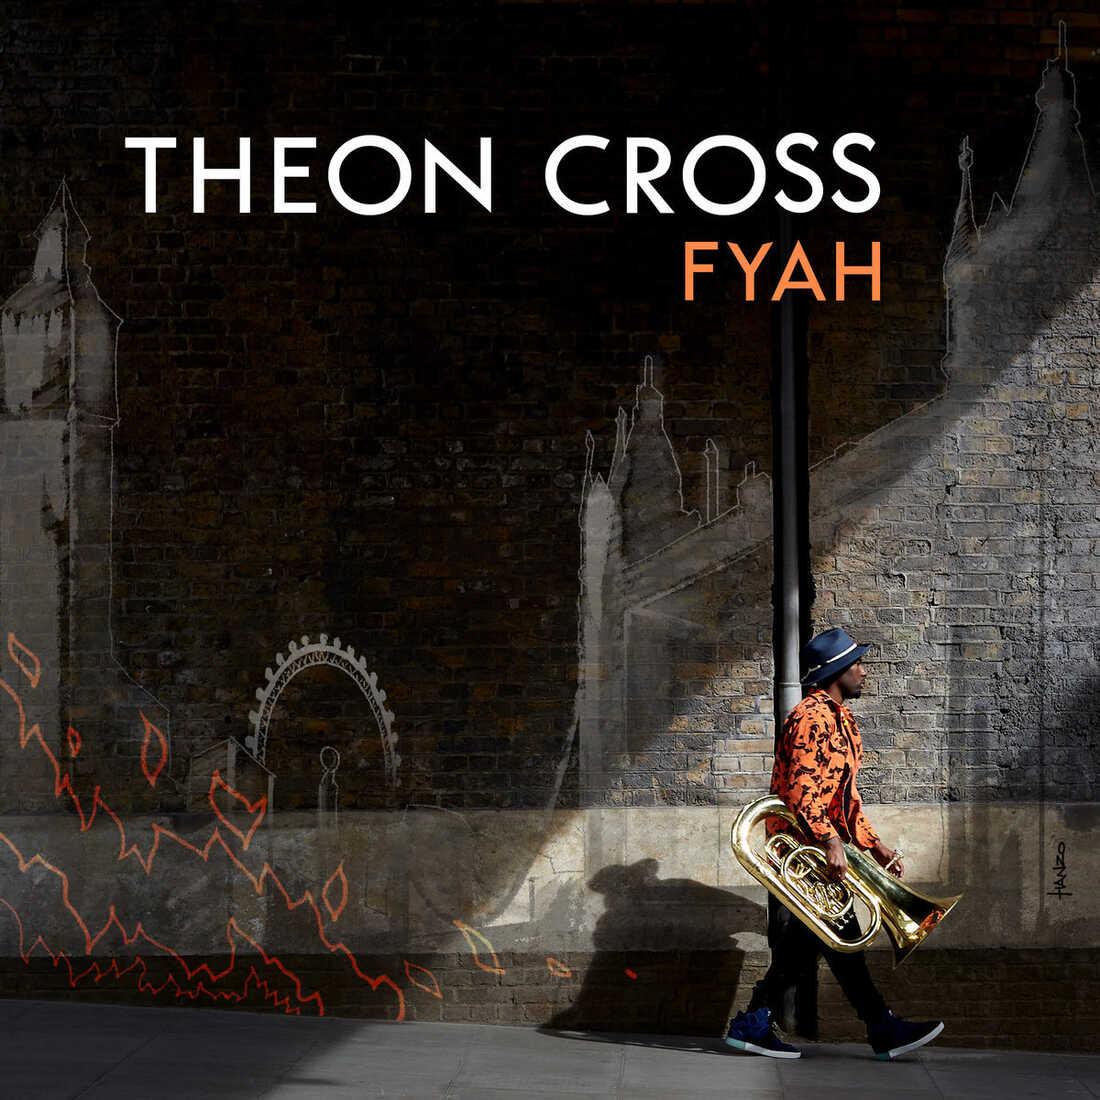 Theon Cross, Fyah